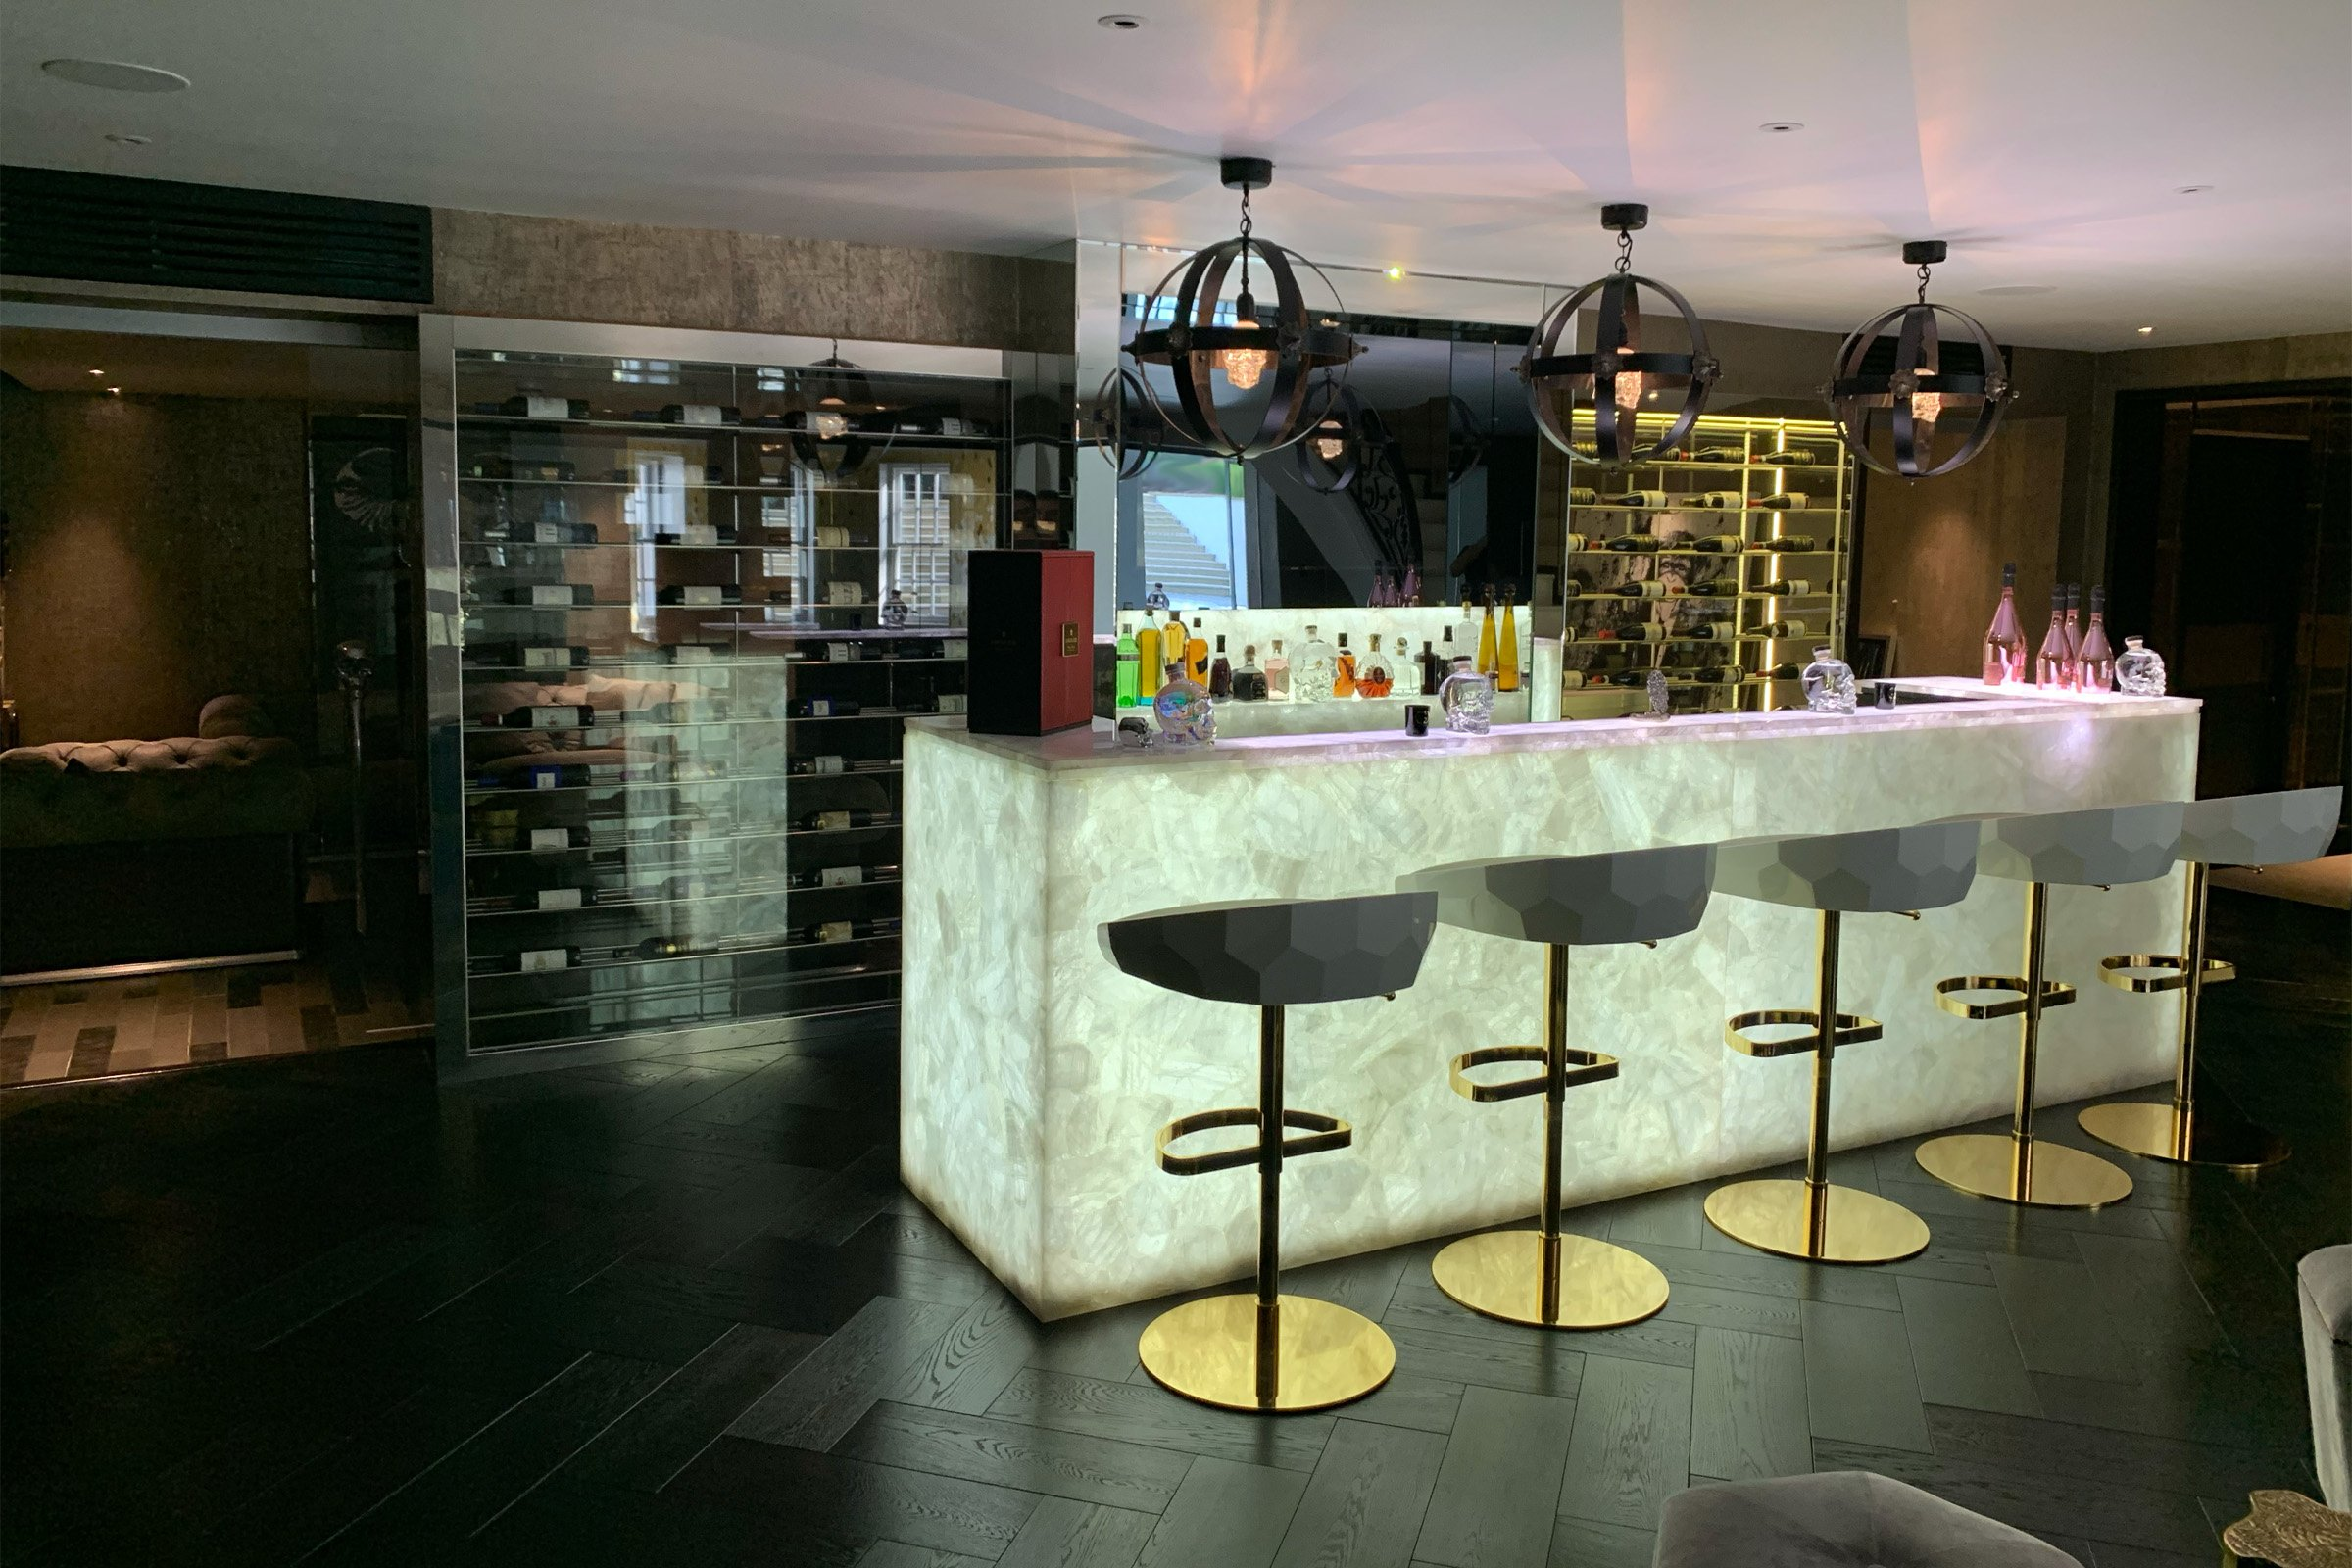 Home bar with Lutron lighting